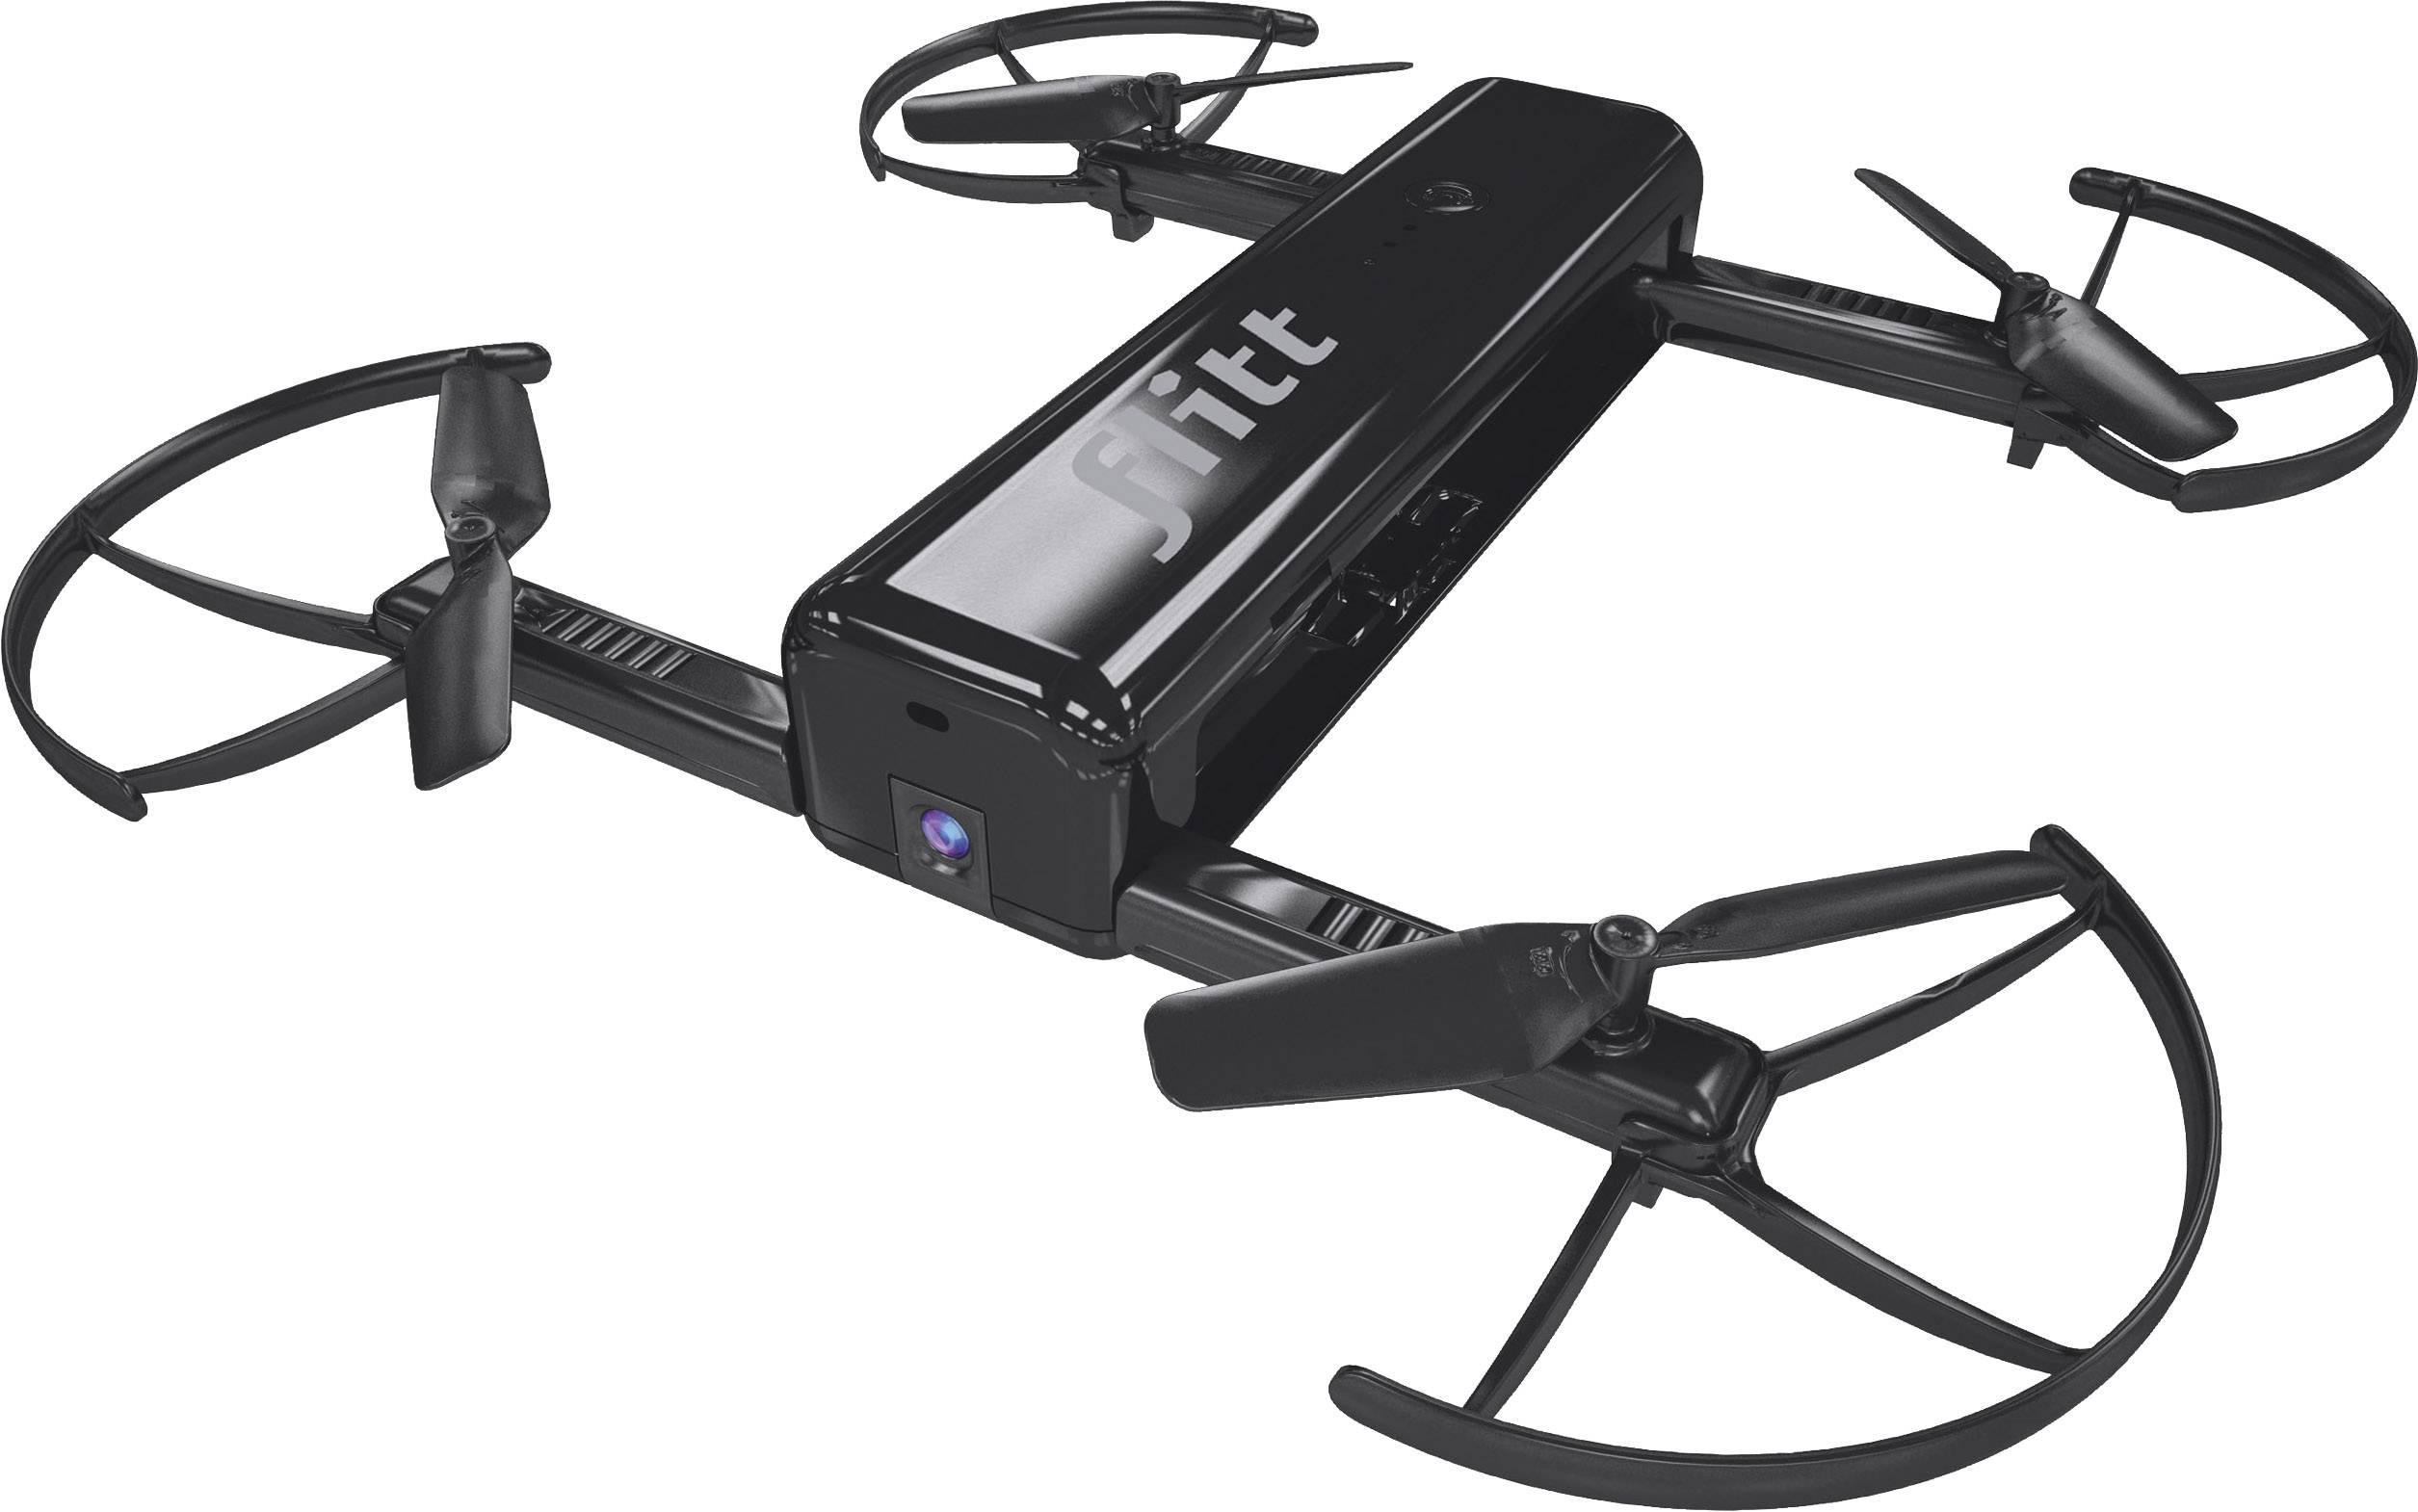 Kapesní selfie dron Revell Control Flitt black, s Wi-Fi, RtF